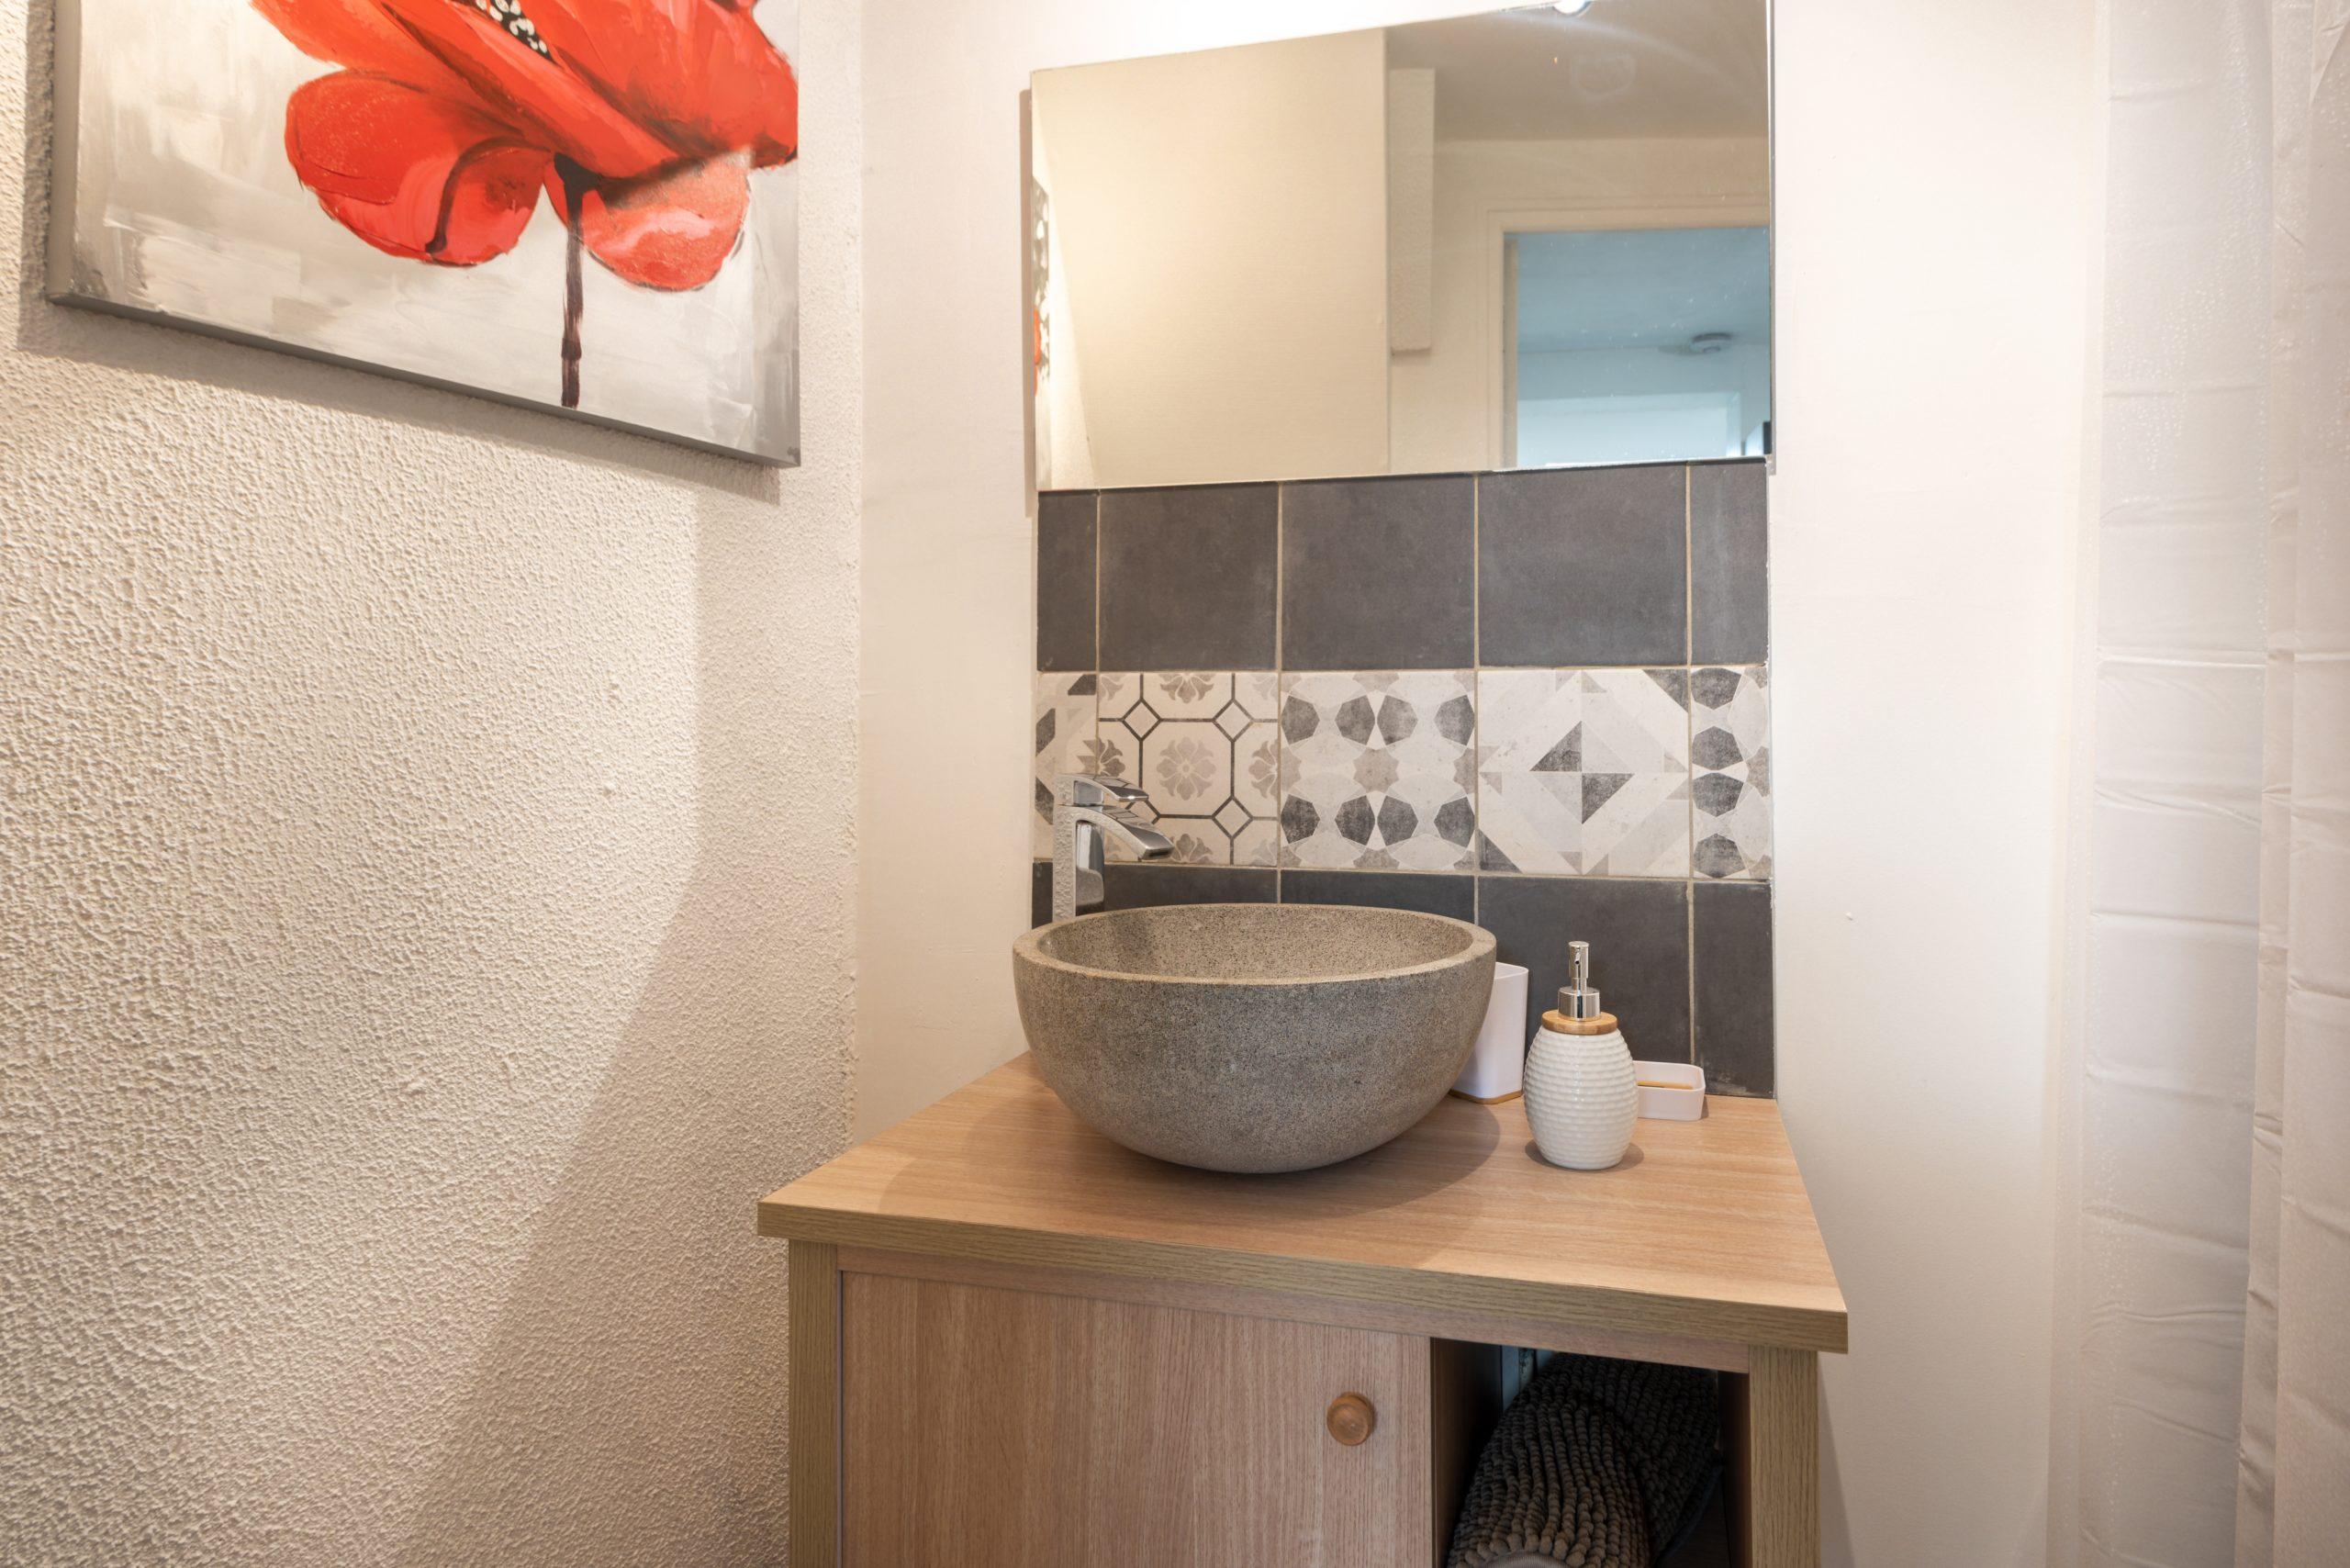 Salle de bain - Elahé Déco - Lille, Hauts de France